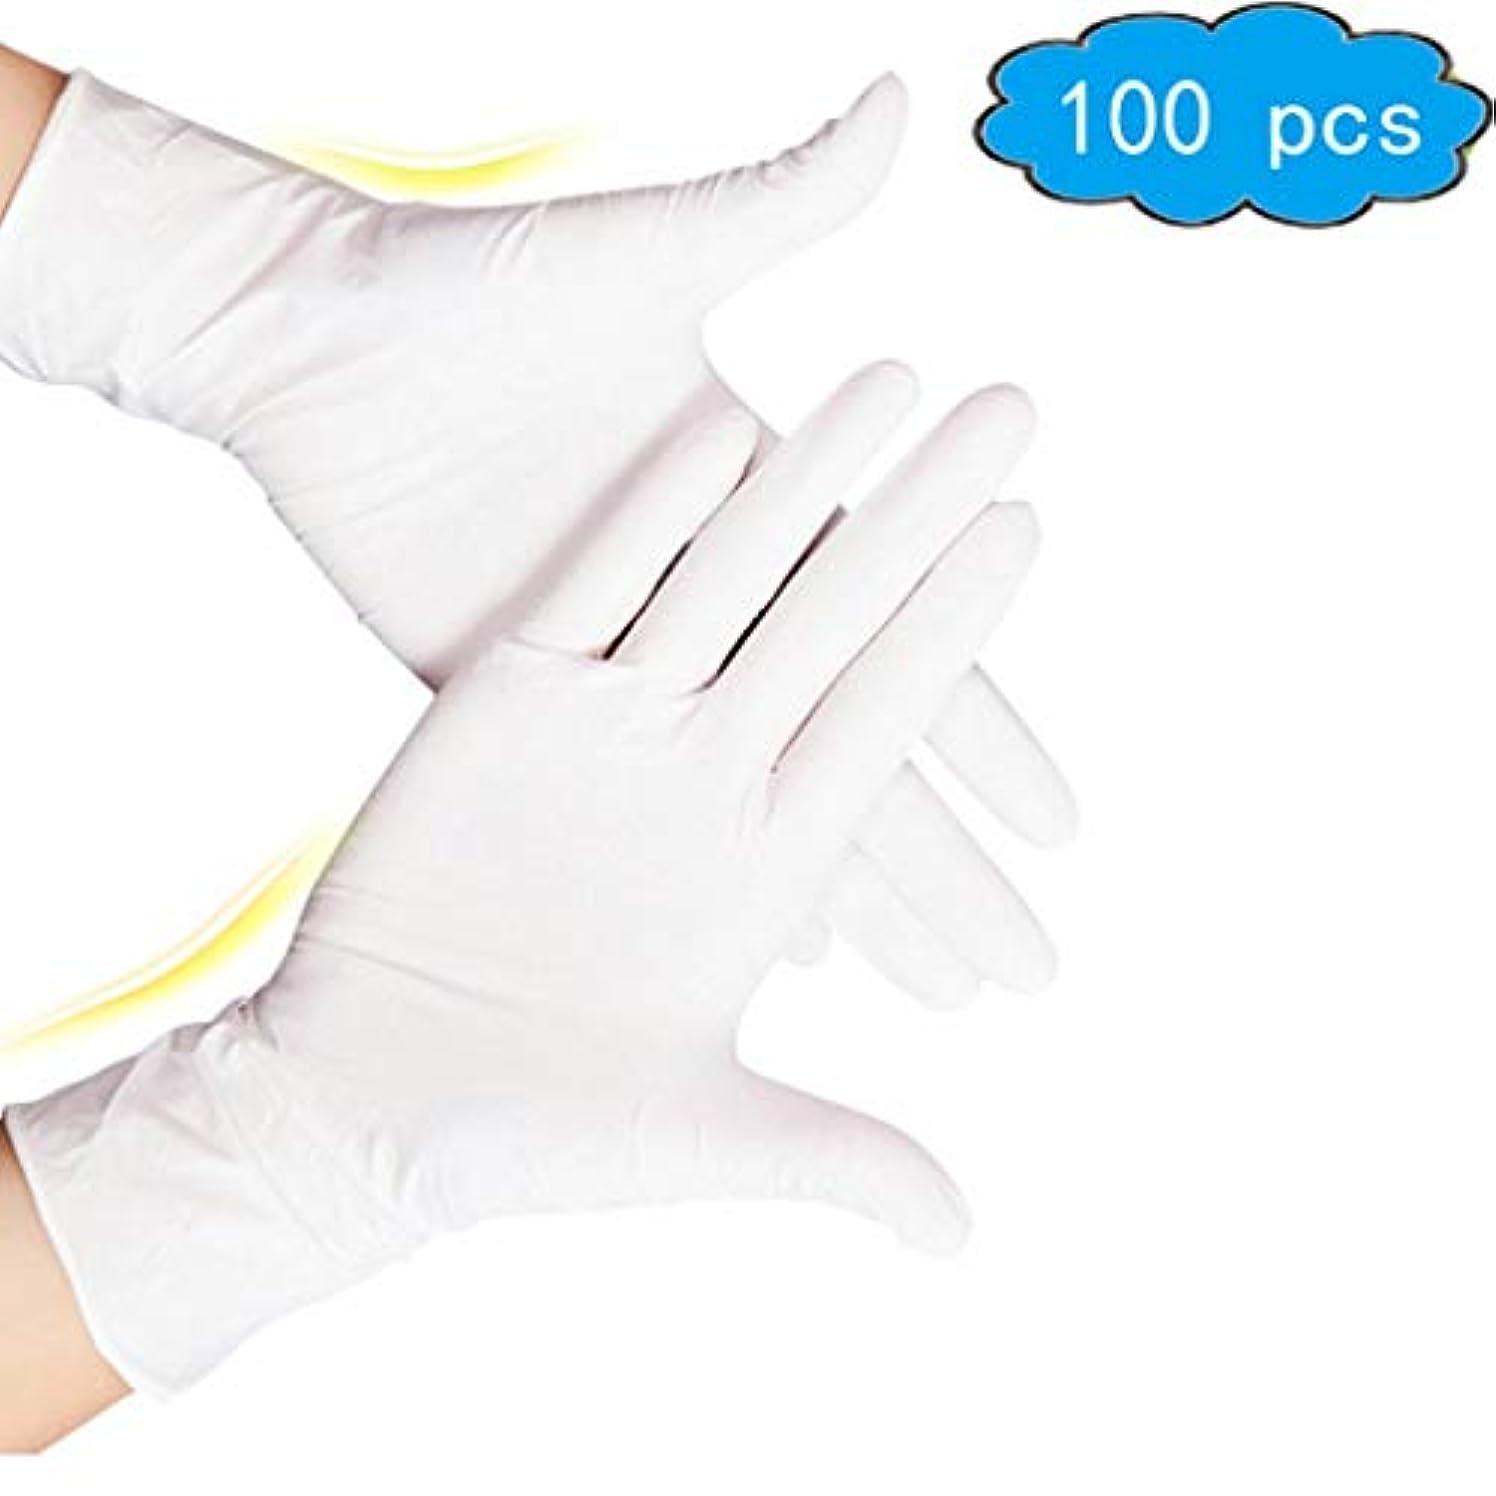 使い捨てニトリル手袋、ノーパウダー、ラテックスアレルギー対策済みの多機能ヘビーデューティスーパーストロング、手袋を清掃、食品グレードキッチン手袋(100箱)、衛生手袋、応急処置用品 (Color : White, Size...